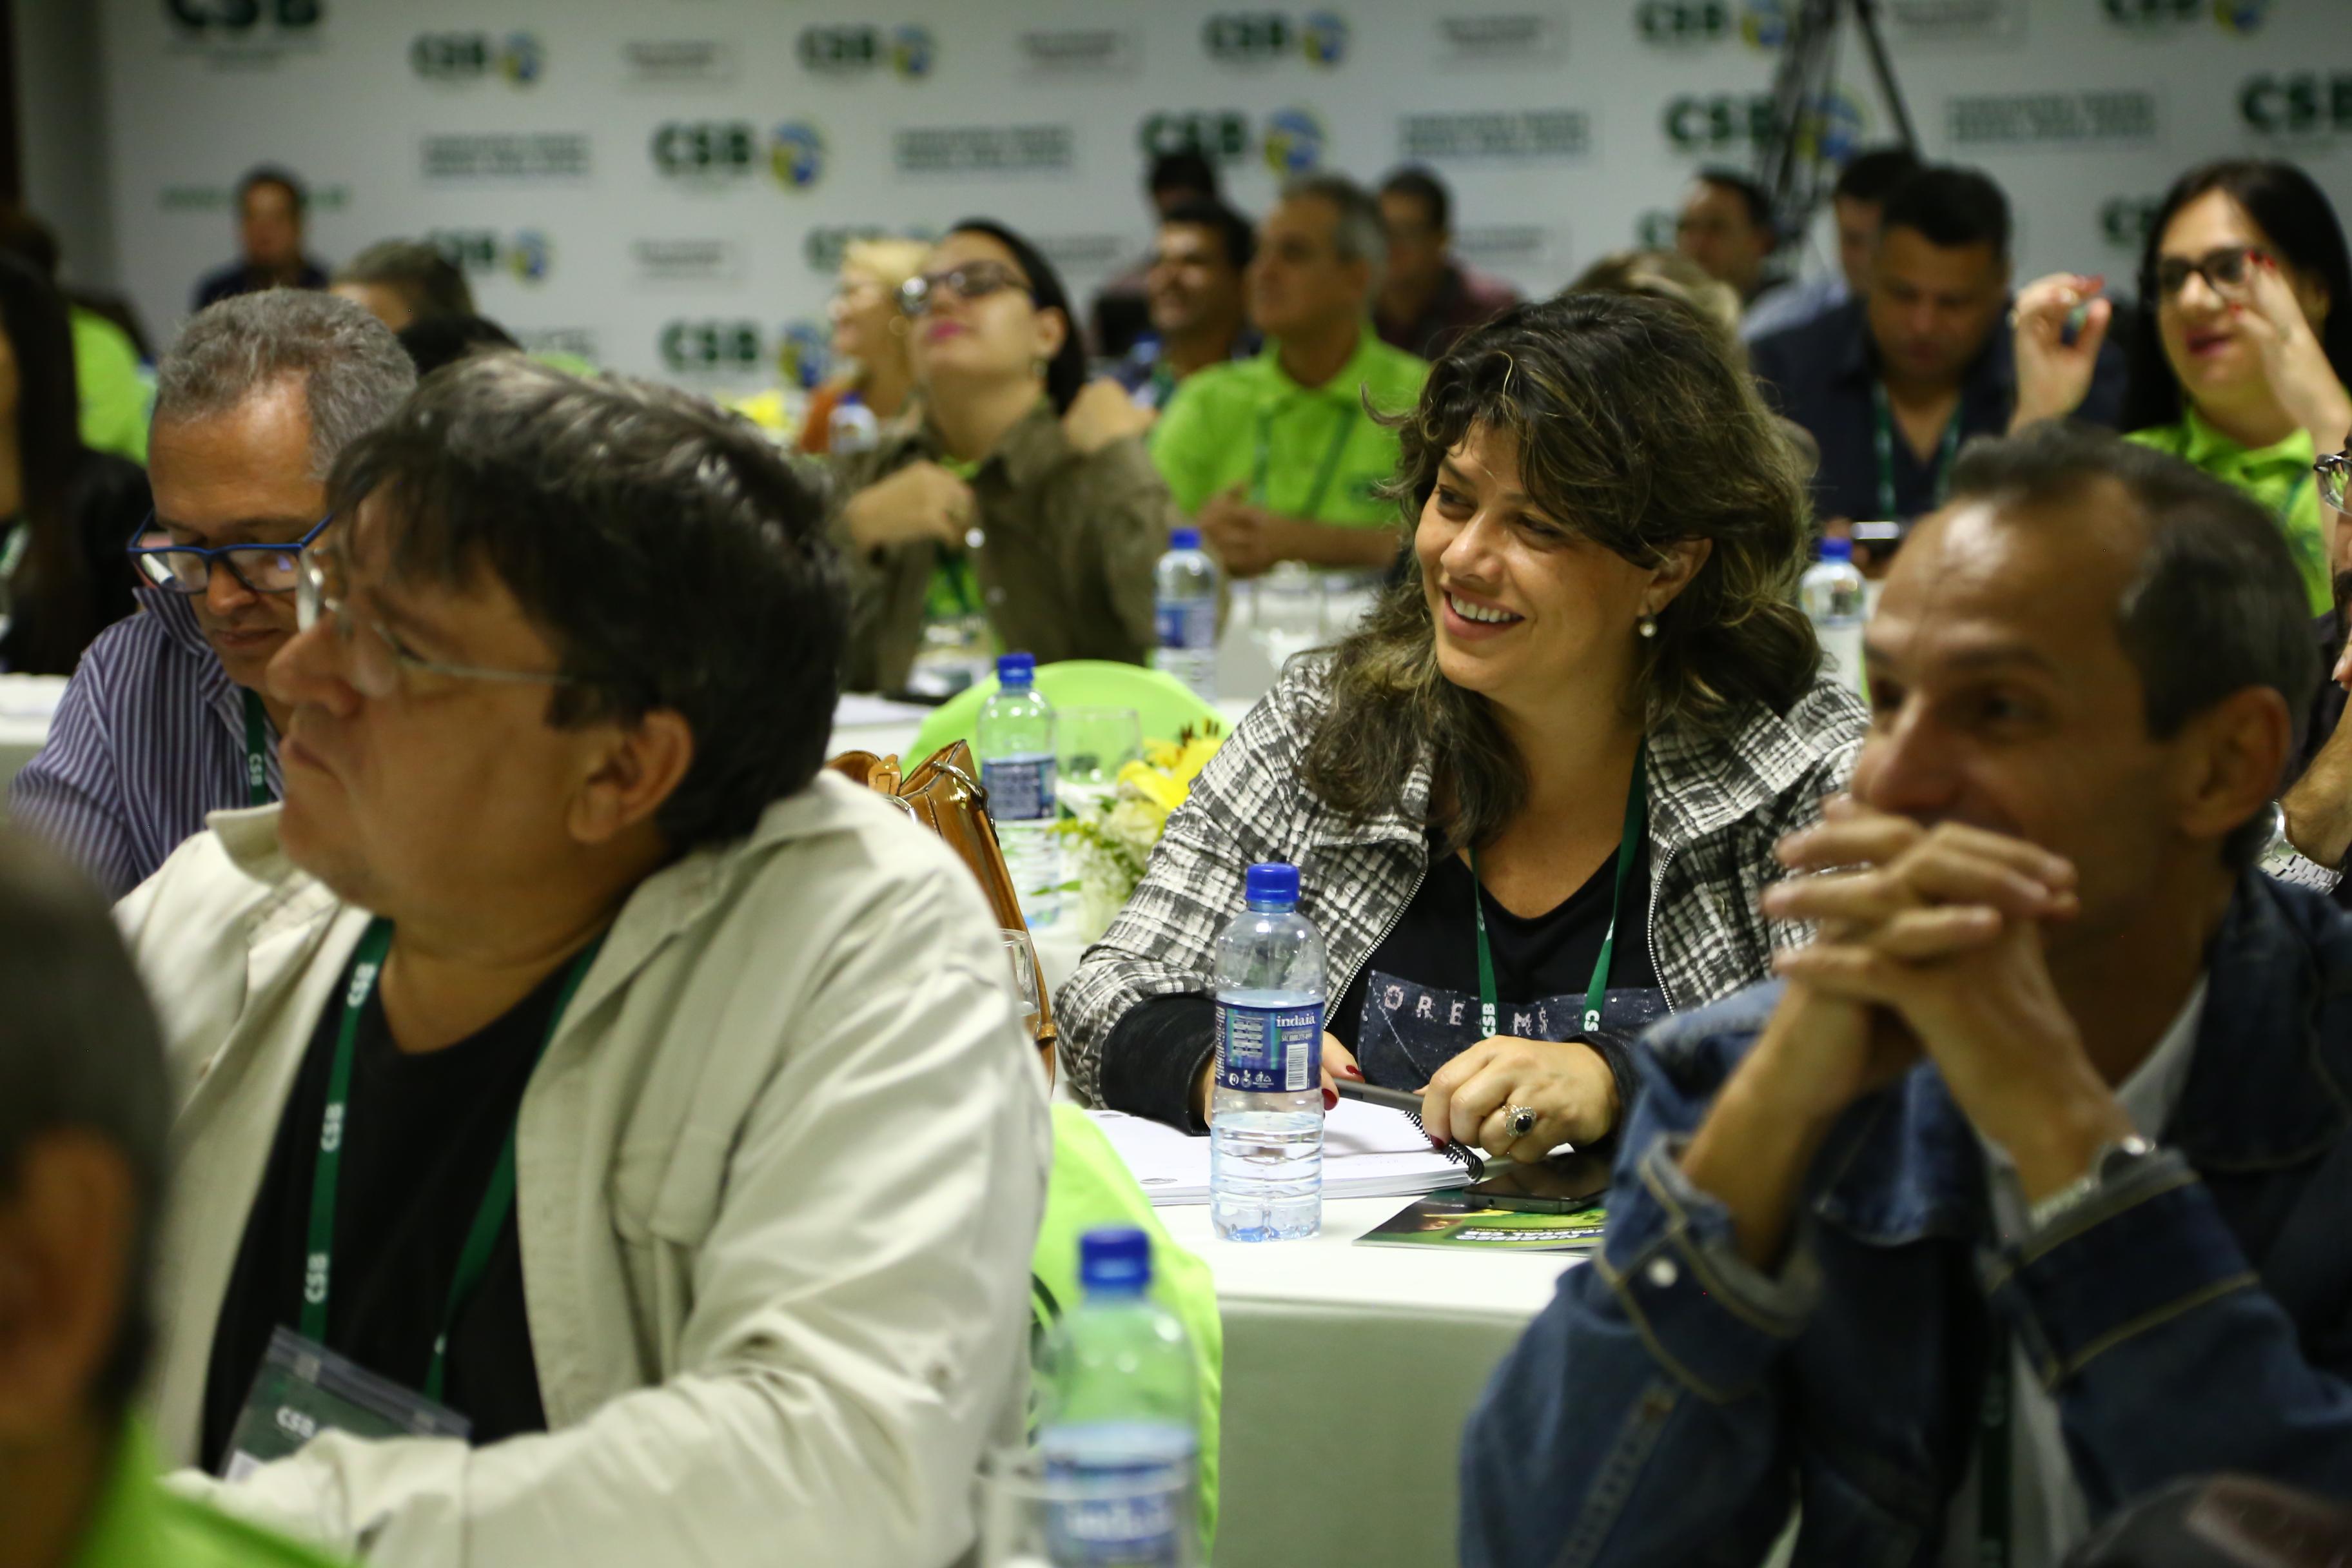 Dirigentes goianos debatem a importância das ações coletivas e do estatuto sindical em Congresso Estadual